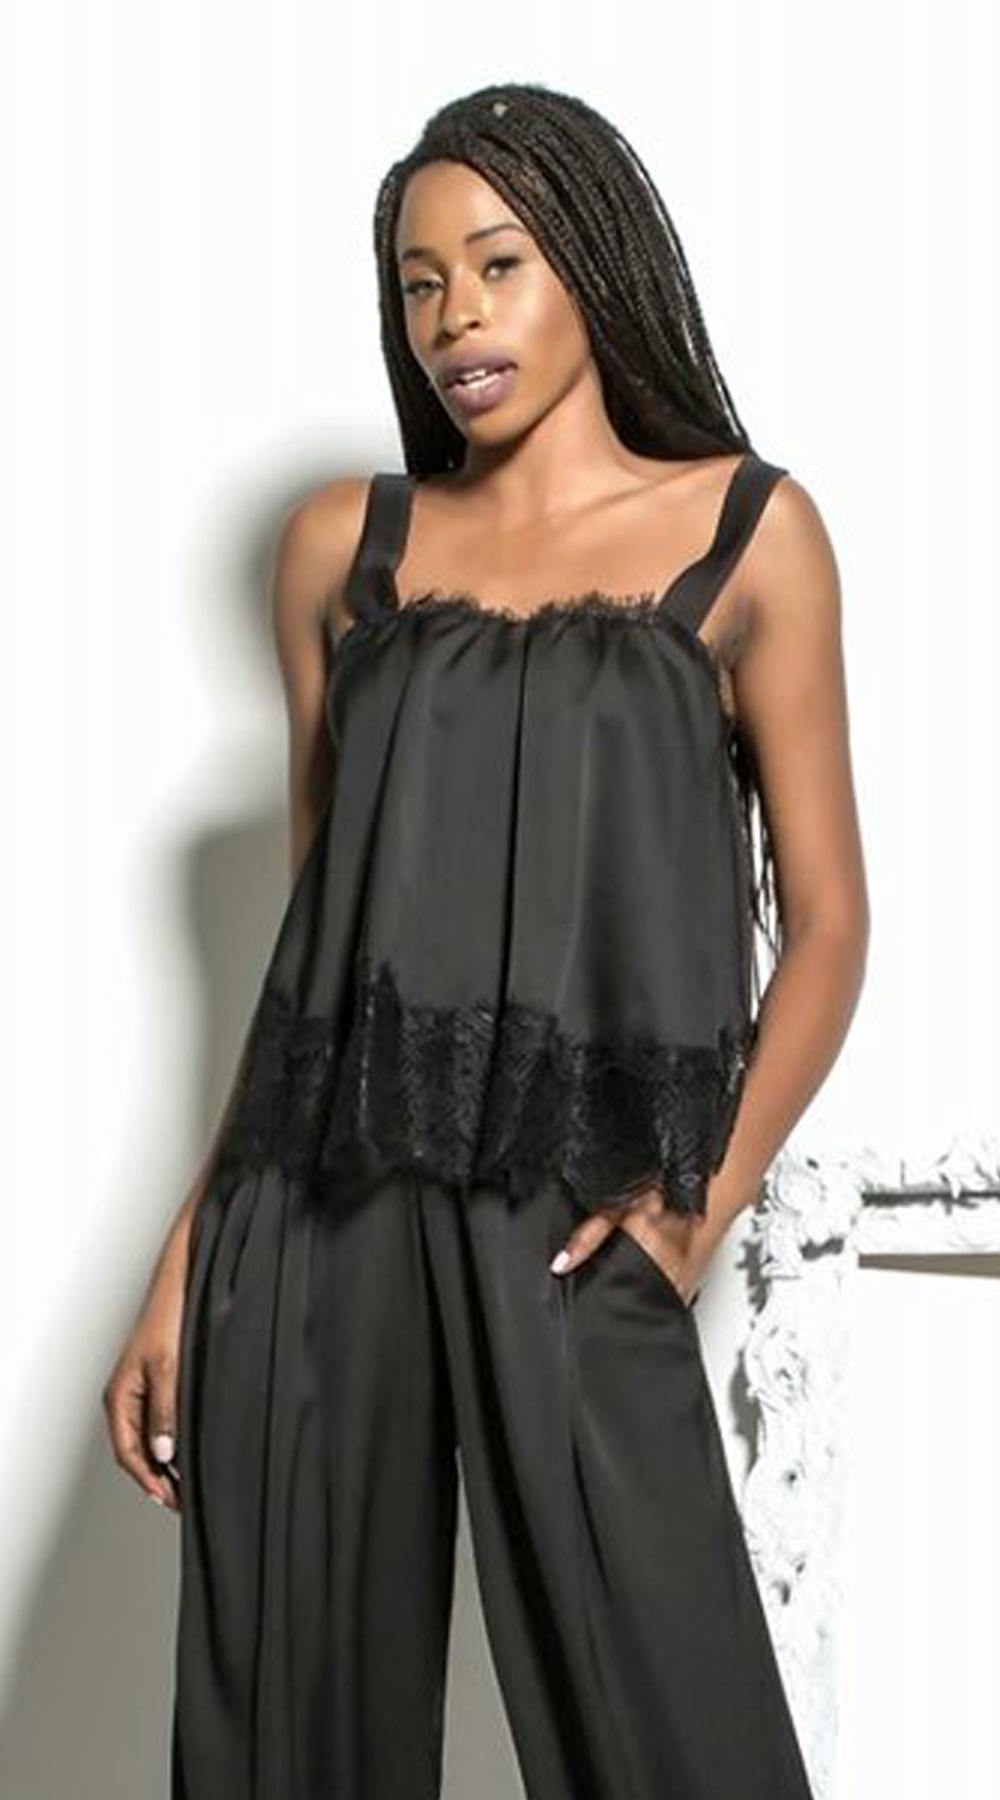 Γυναικείο slip μπλουζάκι με τελείωμα δαντέλας - LOVE ME - FA17LV-40472 μπλούζες   t shirts elegant tops